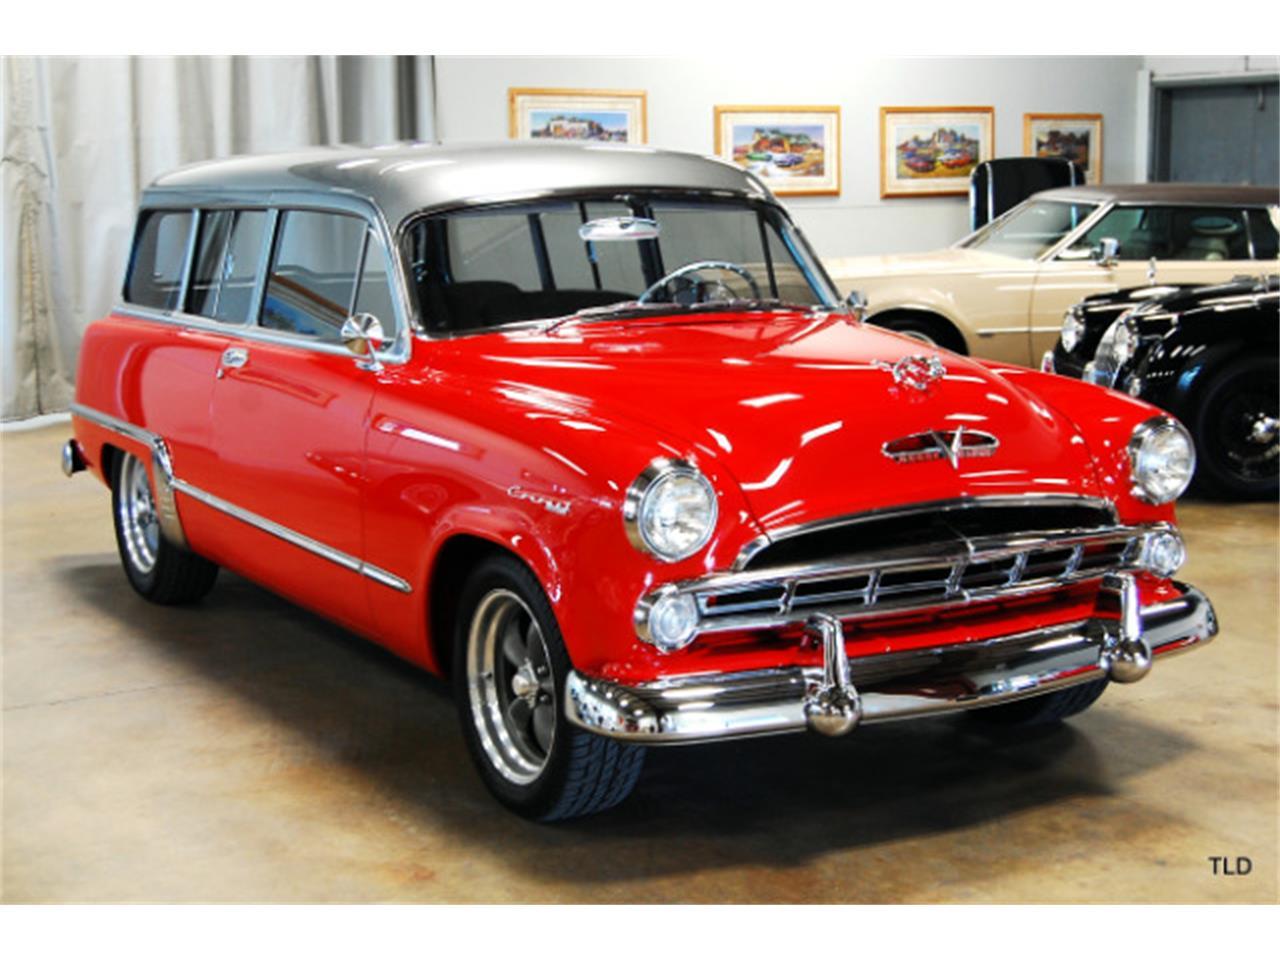 Large Picture of 1953 Dodge Coronet located in Illinois - $48,000.00 - L6DA